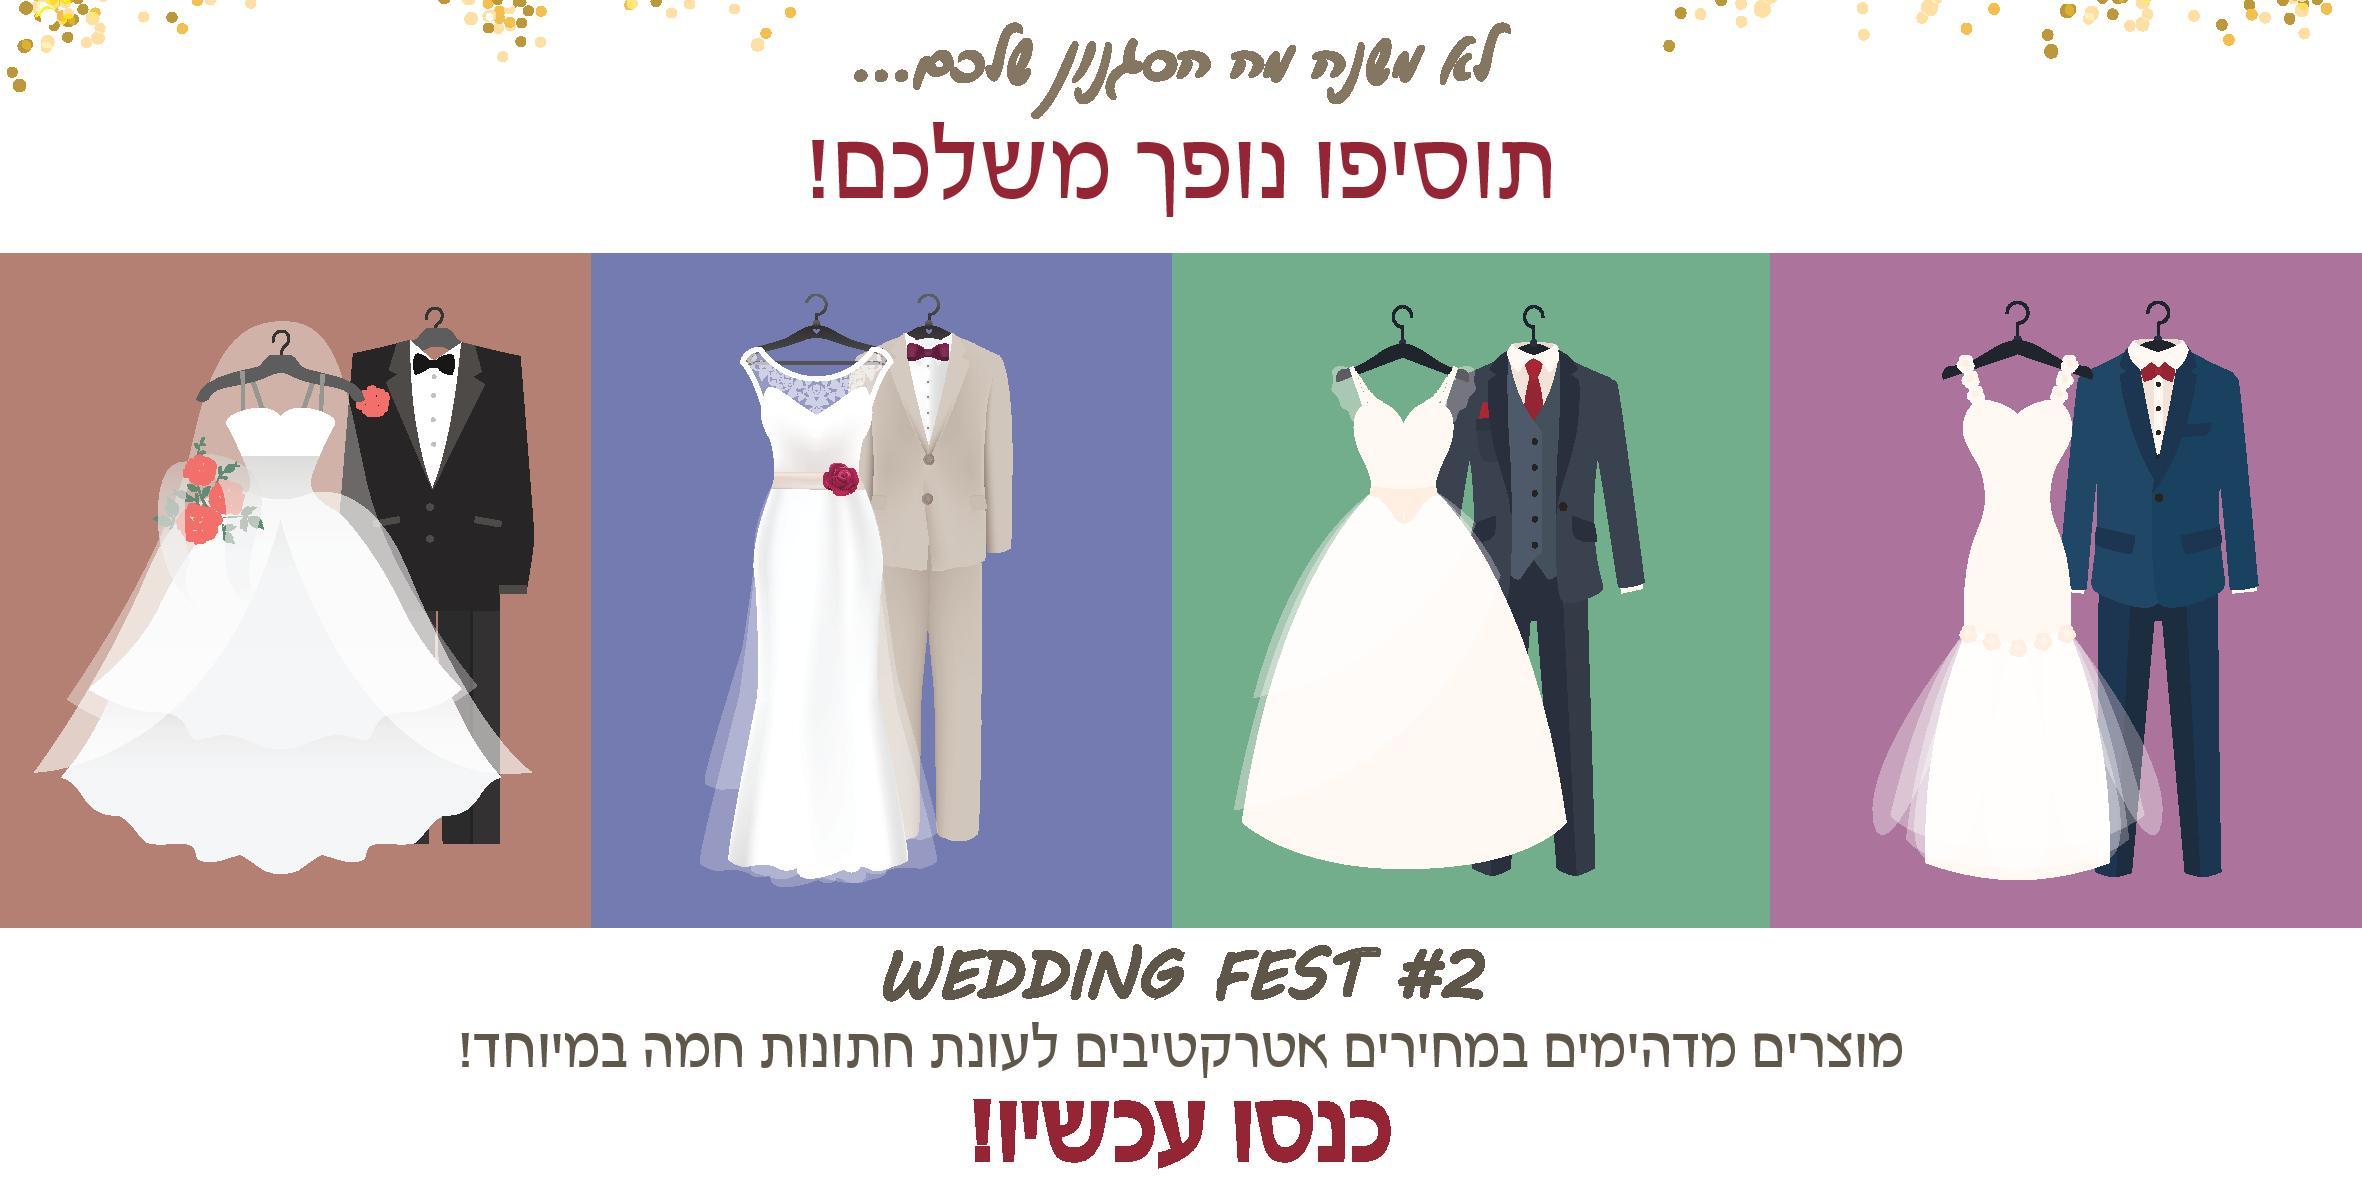 עונת חתונות חמה עם נופך משלכם - מזכרות לאורחים בחתונה